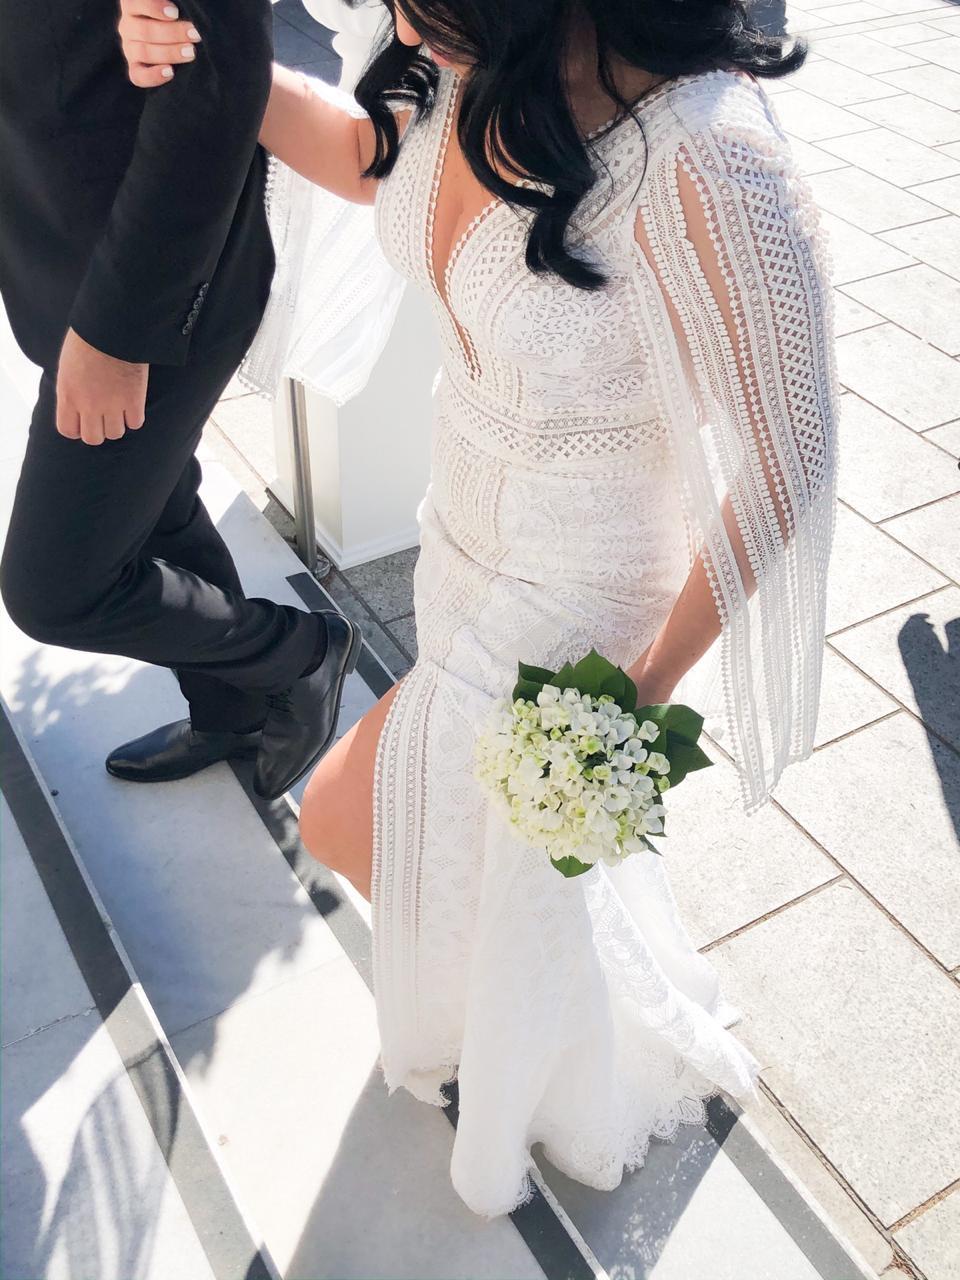 Χειμωνιάτικος γάμος και βάφτιση σε λευκές και γκρι αποχρώσεις